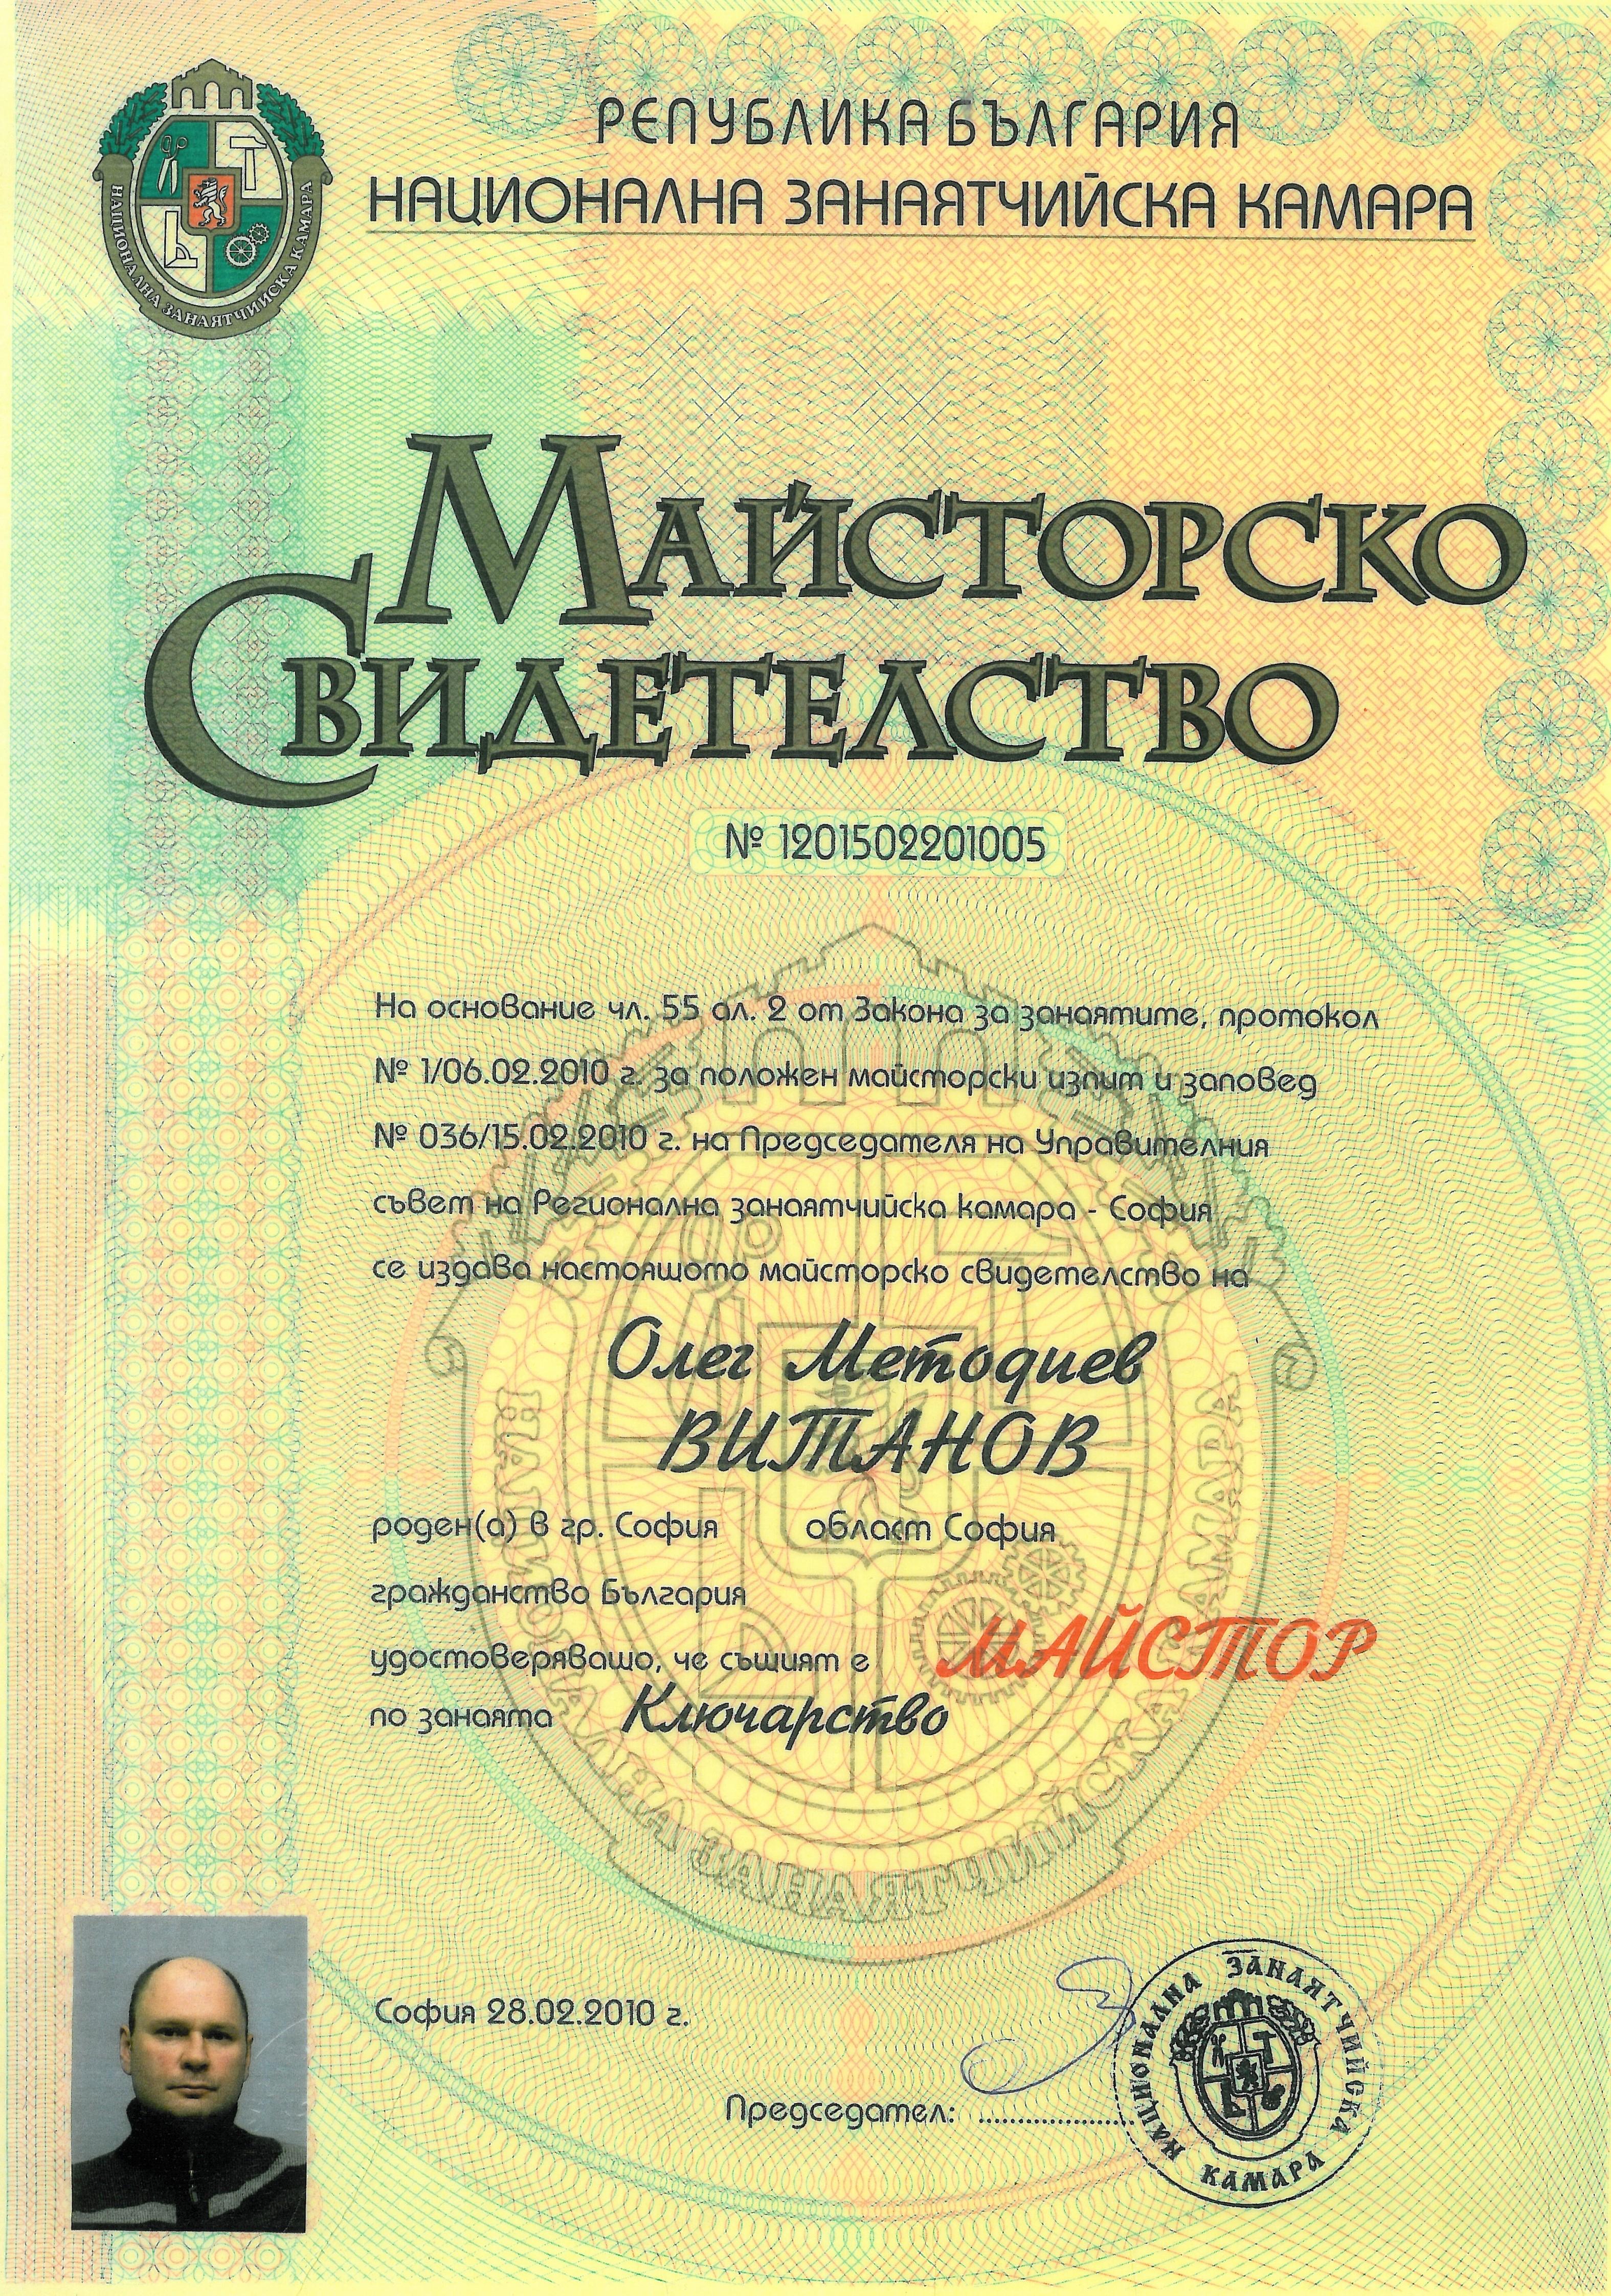 Олег Витанов